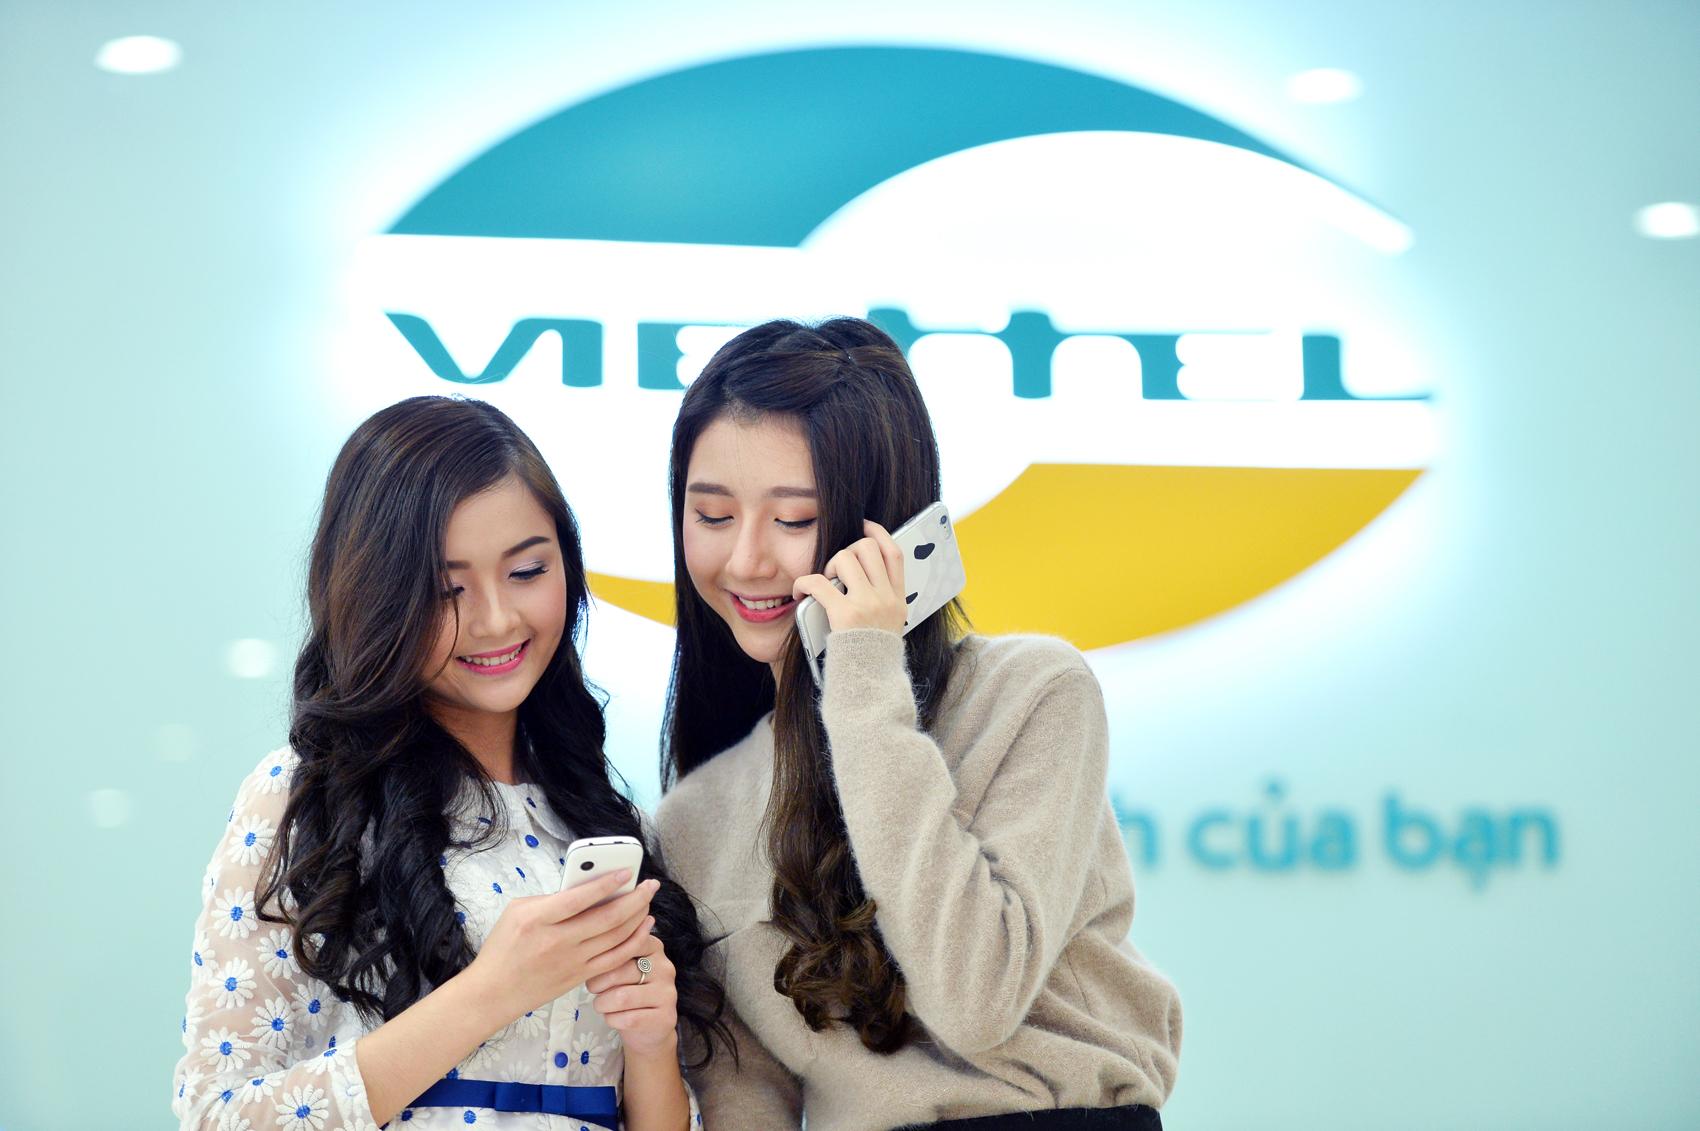 Tổng cục Thuế công bố 3 năm liên tiếp, Viettel là doanh nghiệp nộp thuế lớn nhất Việt Nam.